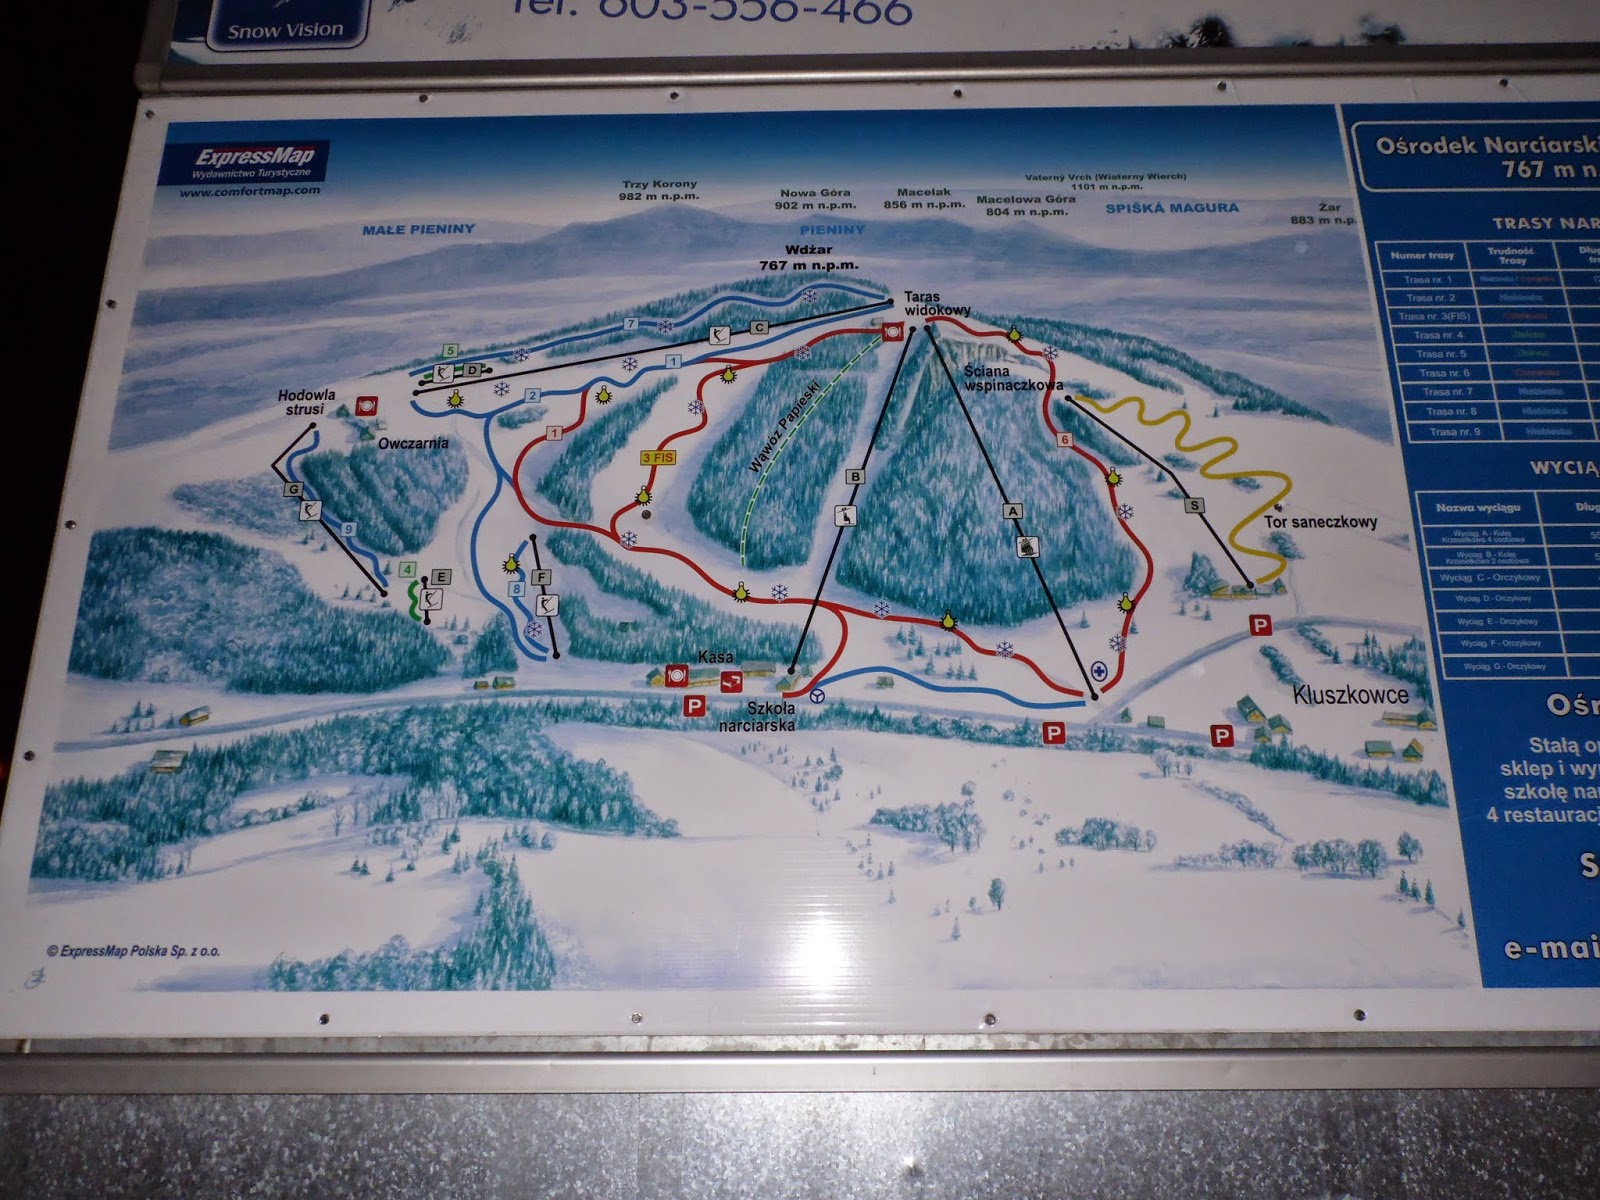 Kluszkowce stoki narciarskie